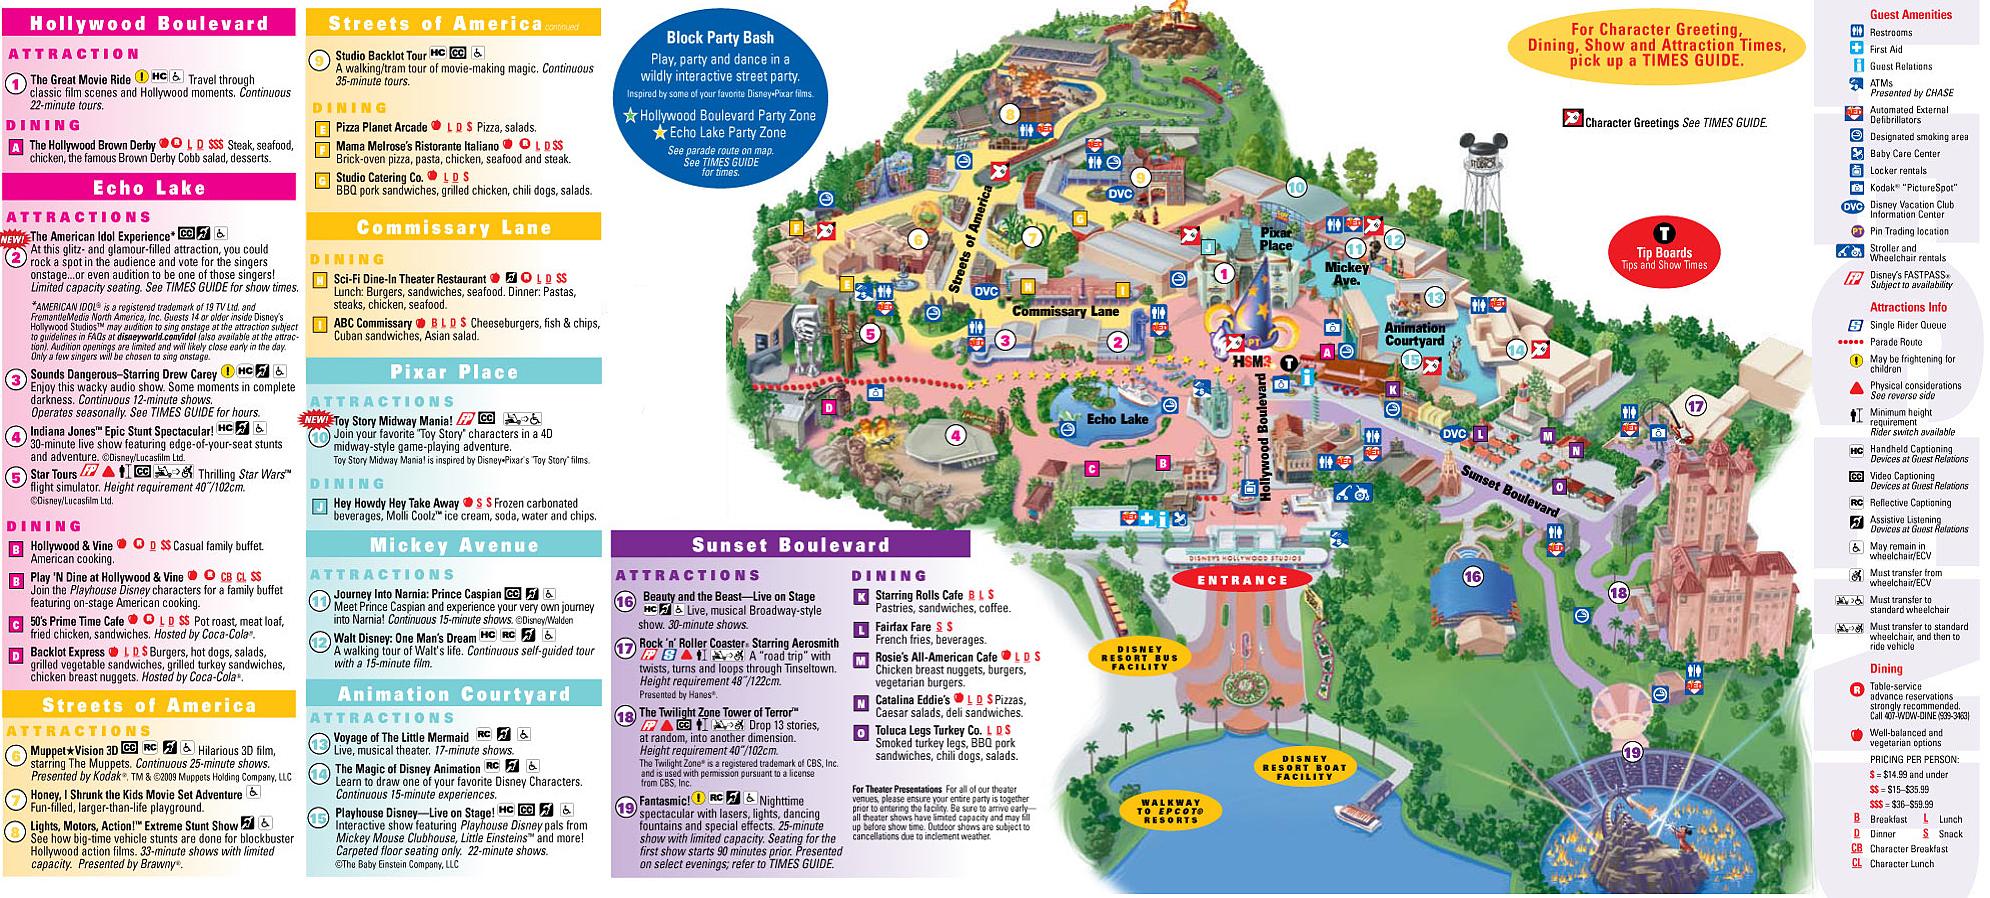 Wdw Park Maps | Wdwprince - Florida Parks Map